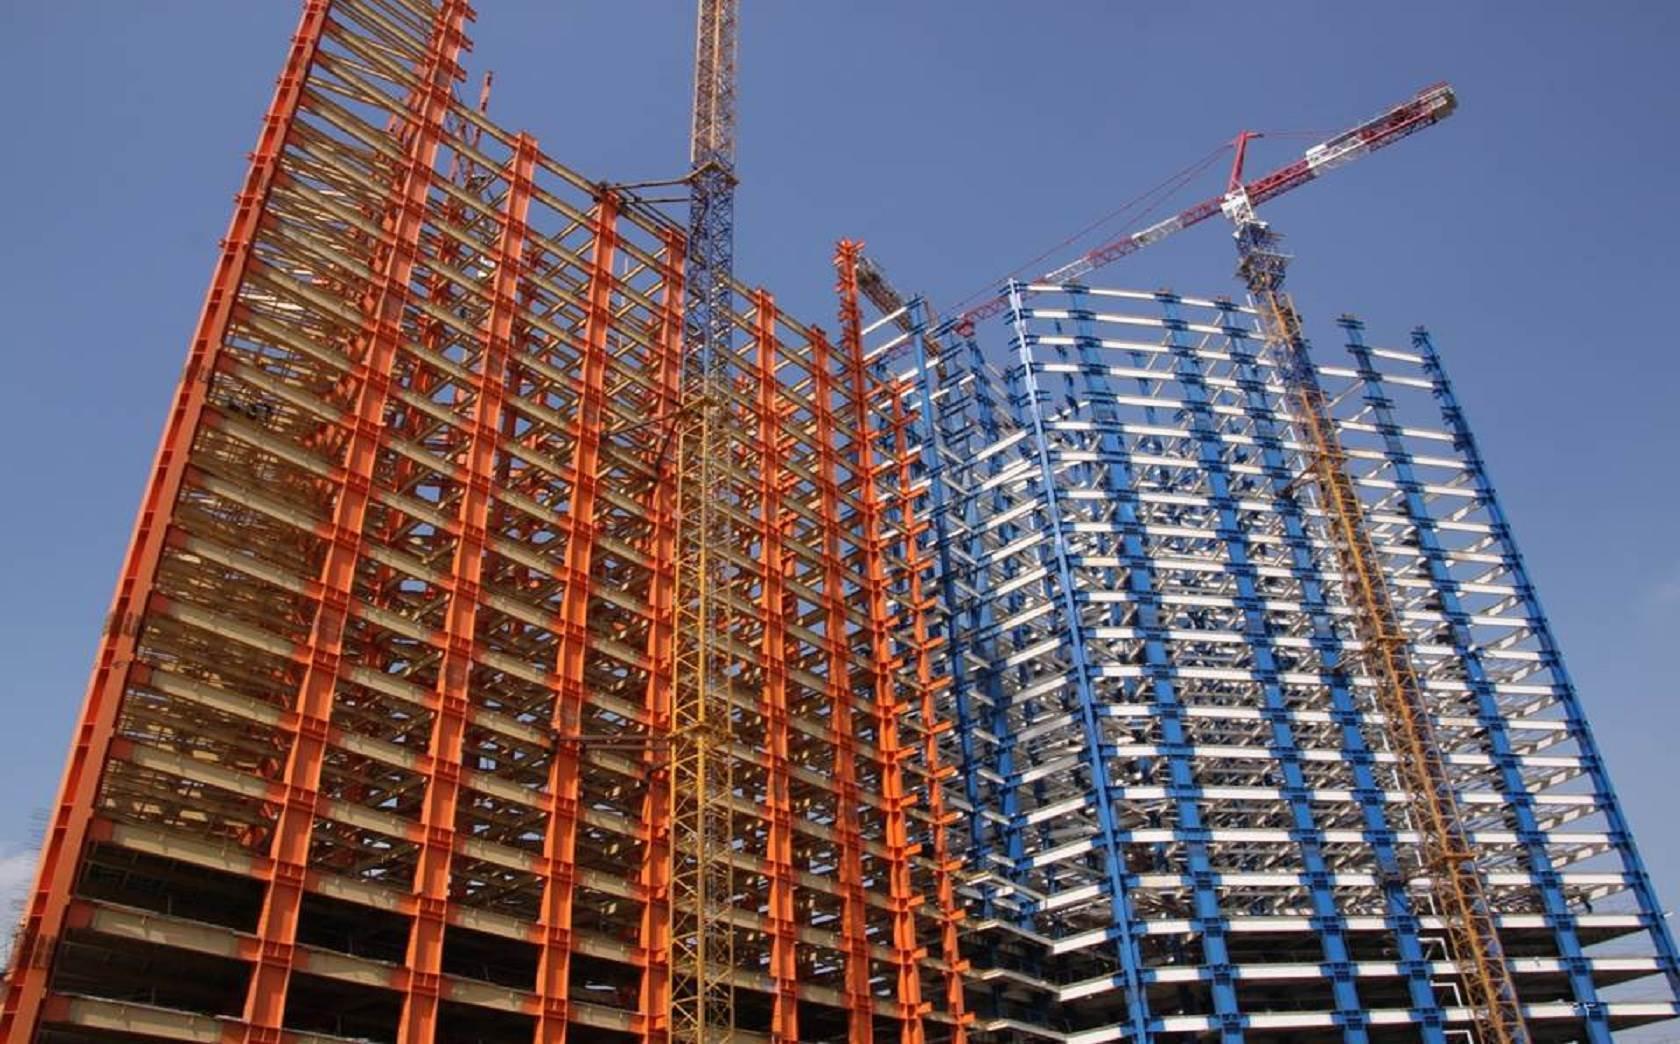 ساختمان bampooke.ir  انواع ساختمان از نظر سازه و باربری